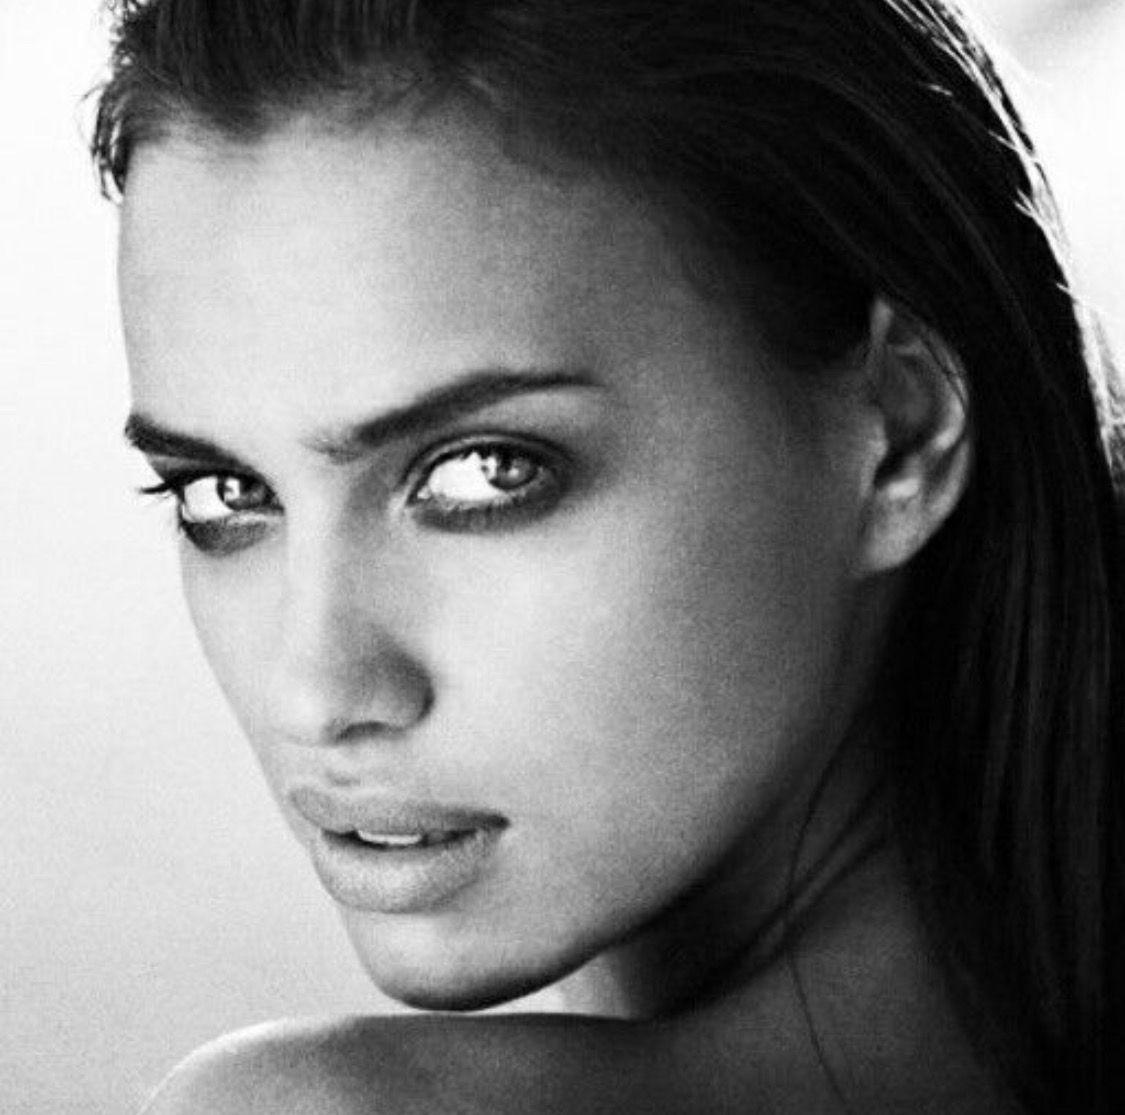 ирина шейк черно белые фотографии